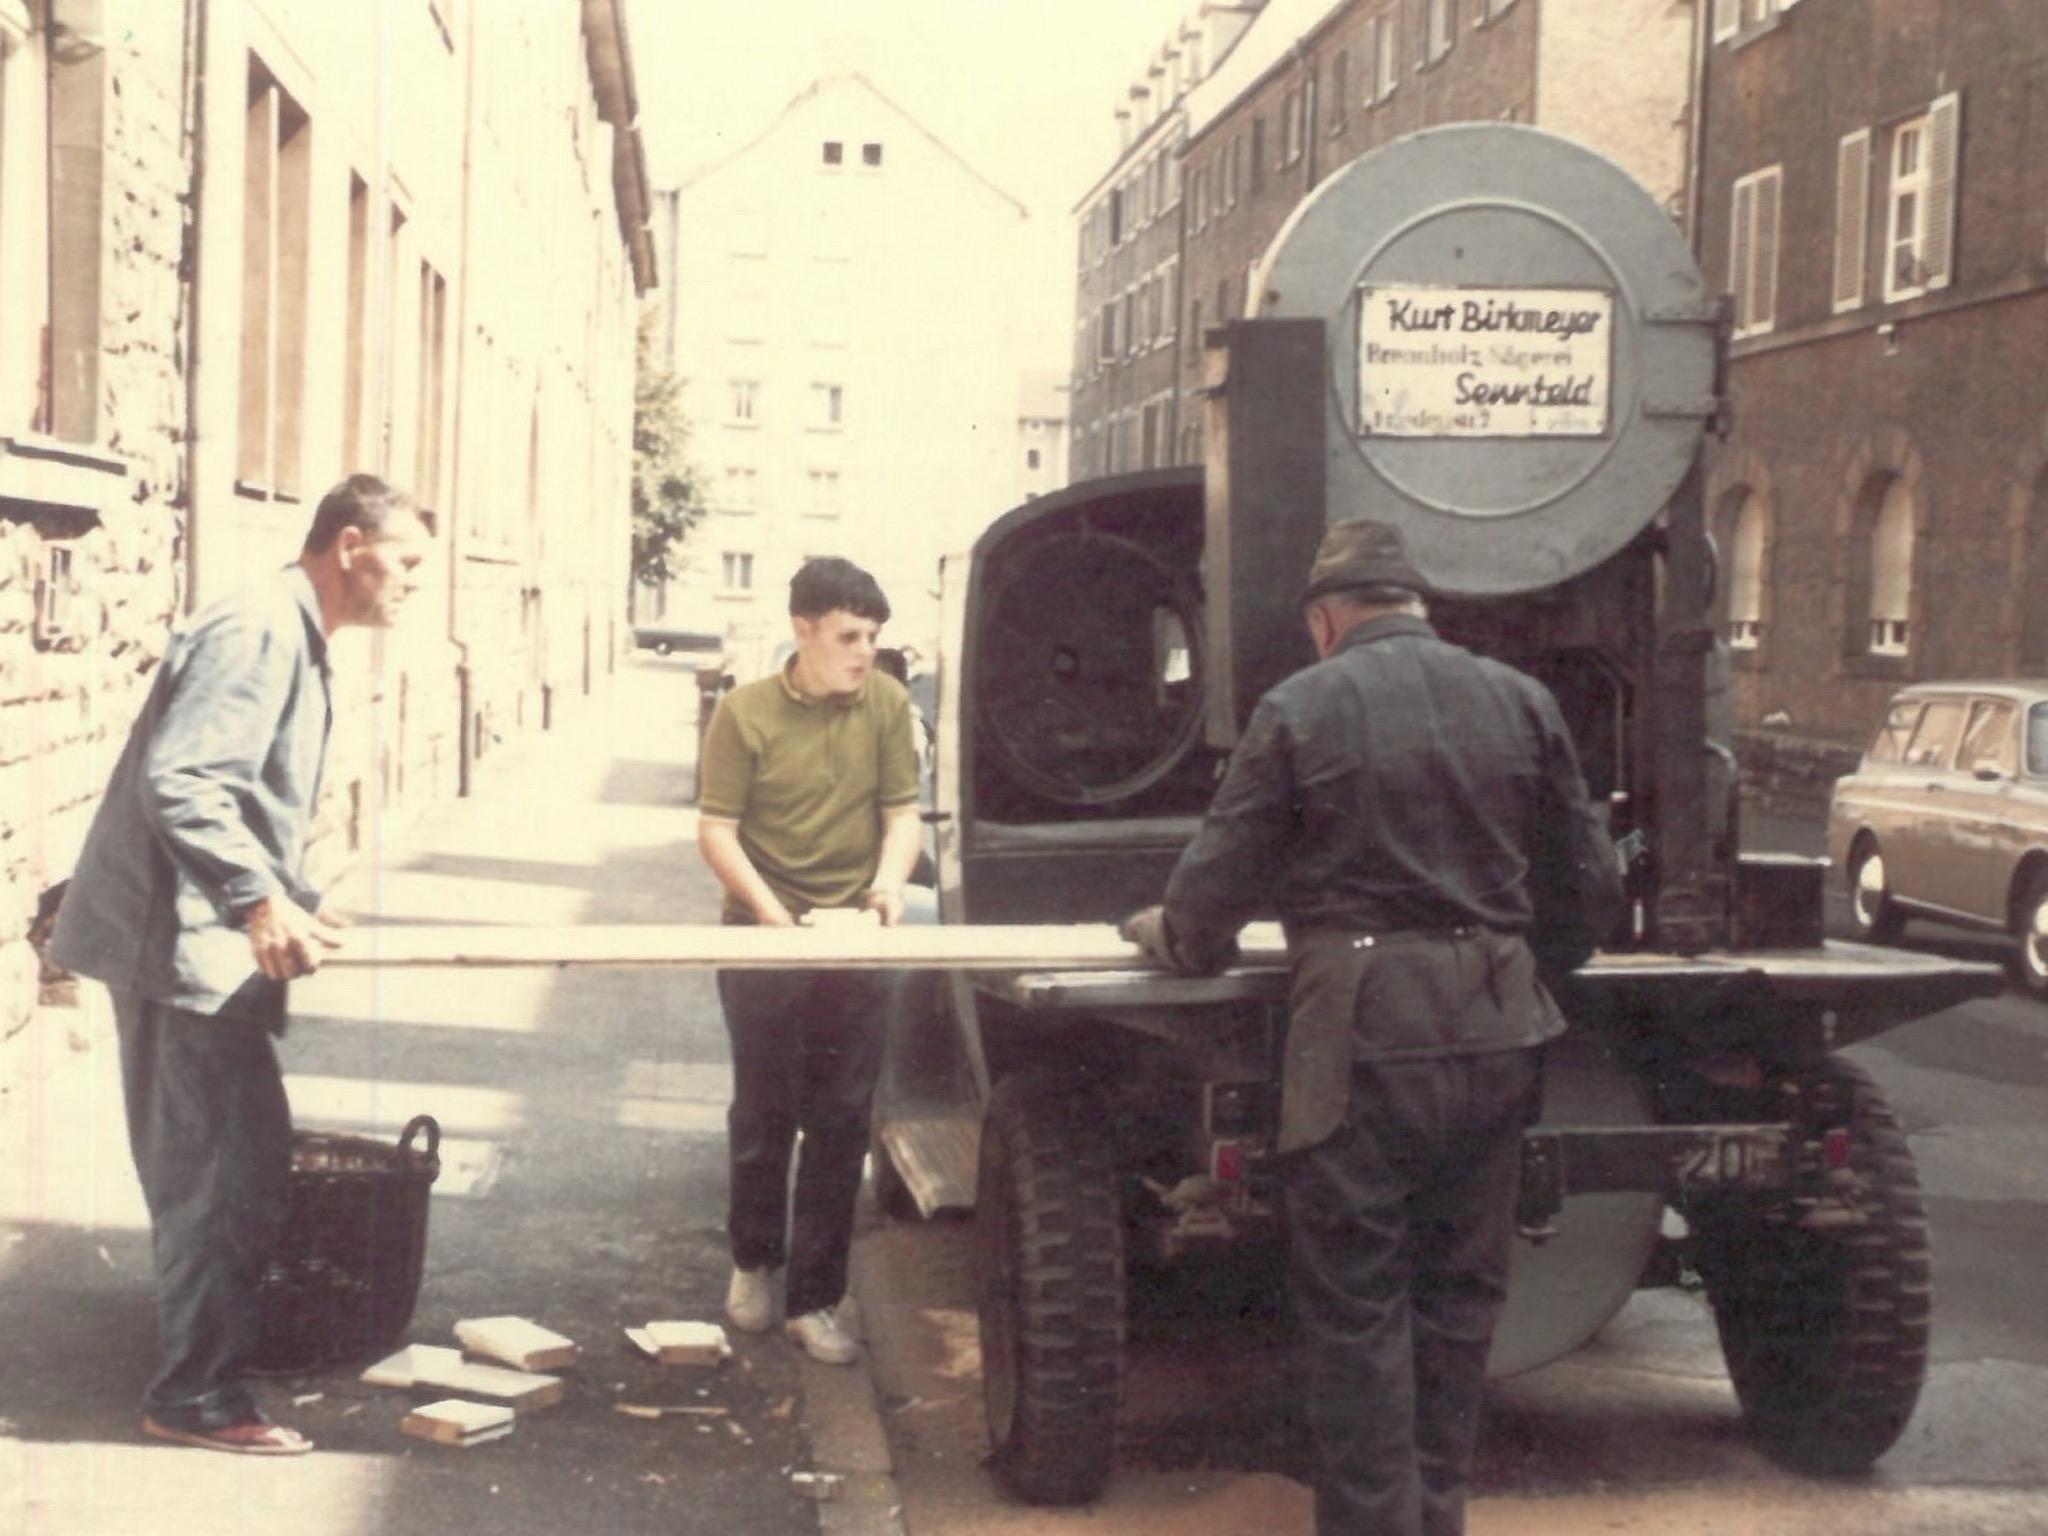 Der Opel Blitz fuhr zum Sägen von Brennholz und Brettern zu den Kunden, hier in Schweinfurt im Juli 1970. Foto: Historische Fotografie Freilandmuseum